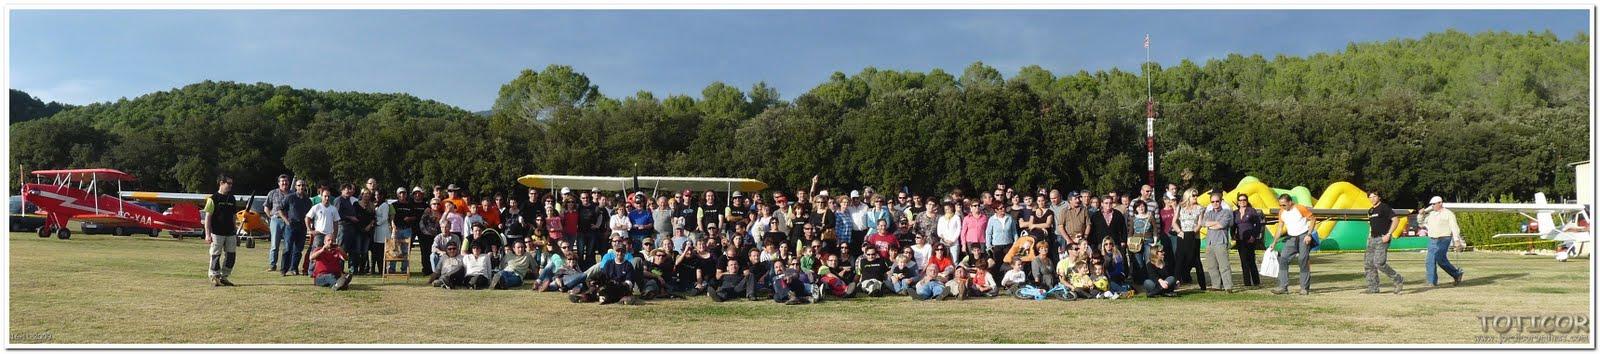 Foto+de+Familia+BEUDA+2009TOTICOR Resumen de La concentración de Beuda 2009